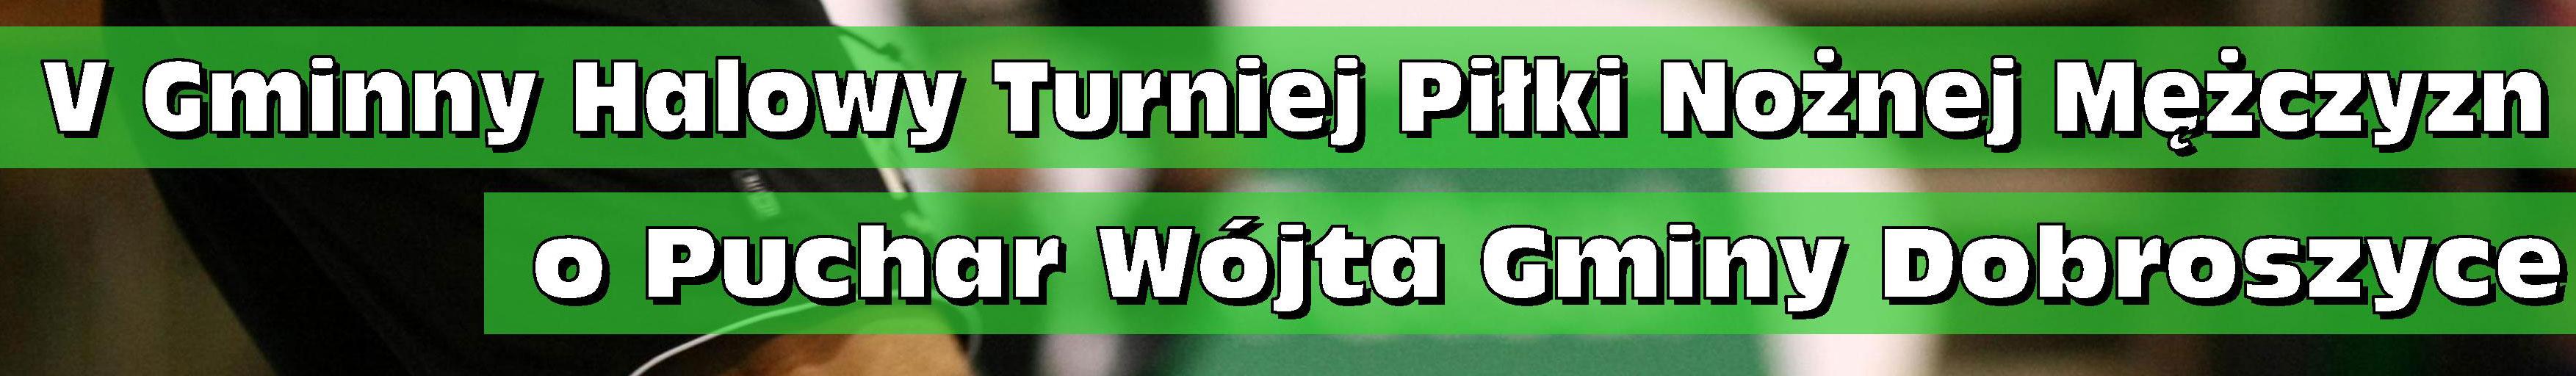 V Gminny Halowy Turniej Piłki Nożnej Mężczyzn o Puchar Wójta Gminy Dobroszyce